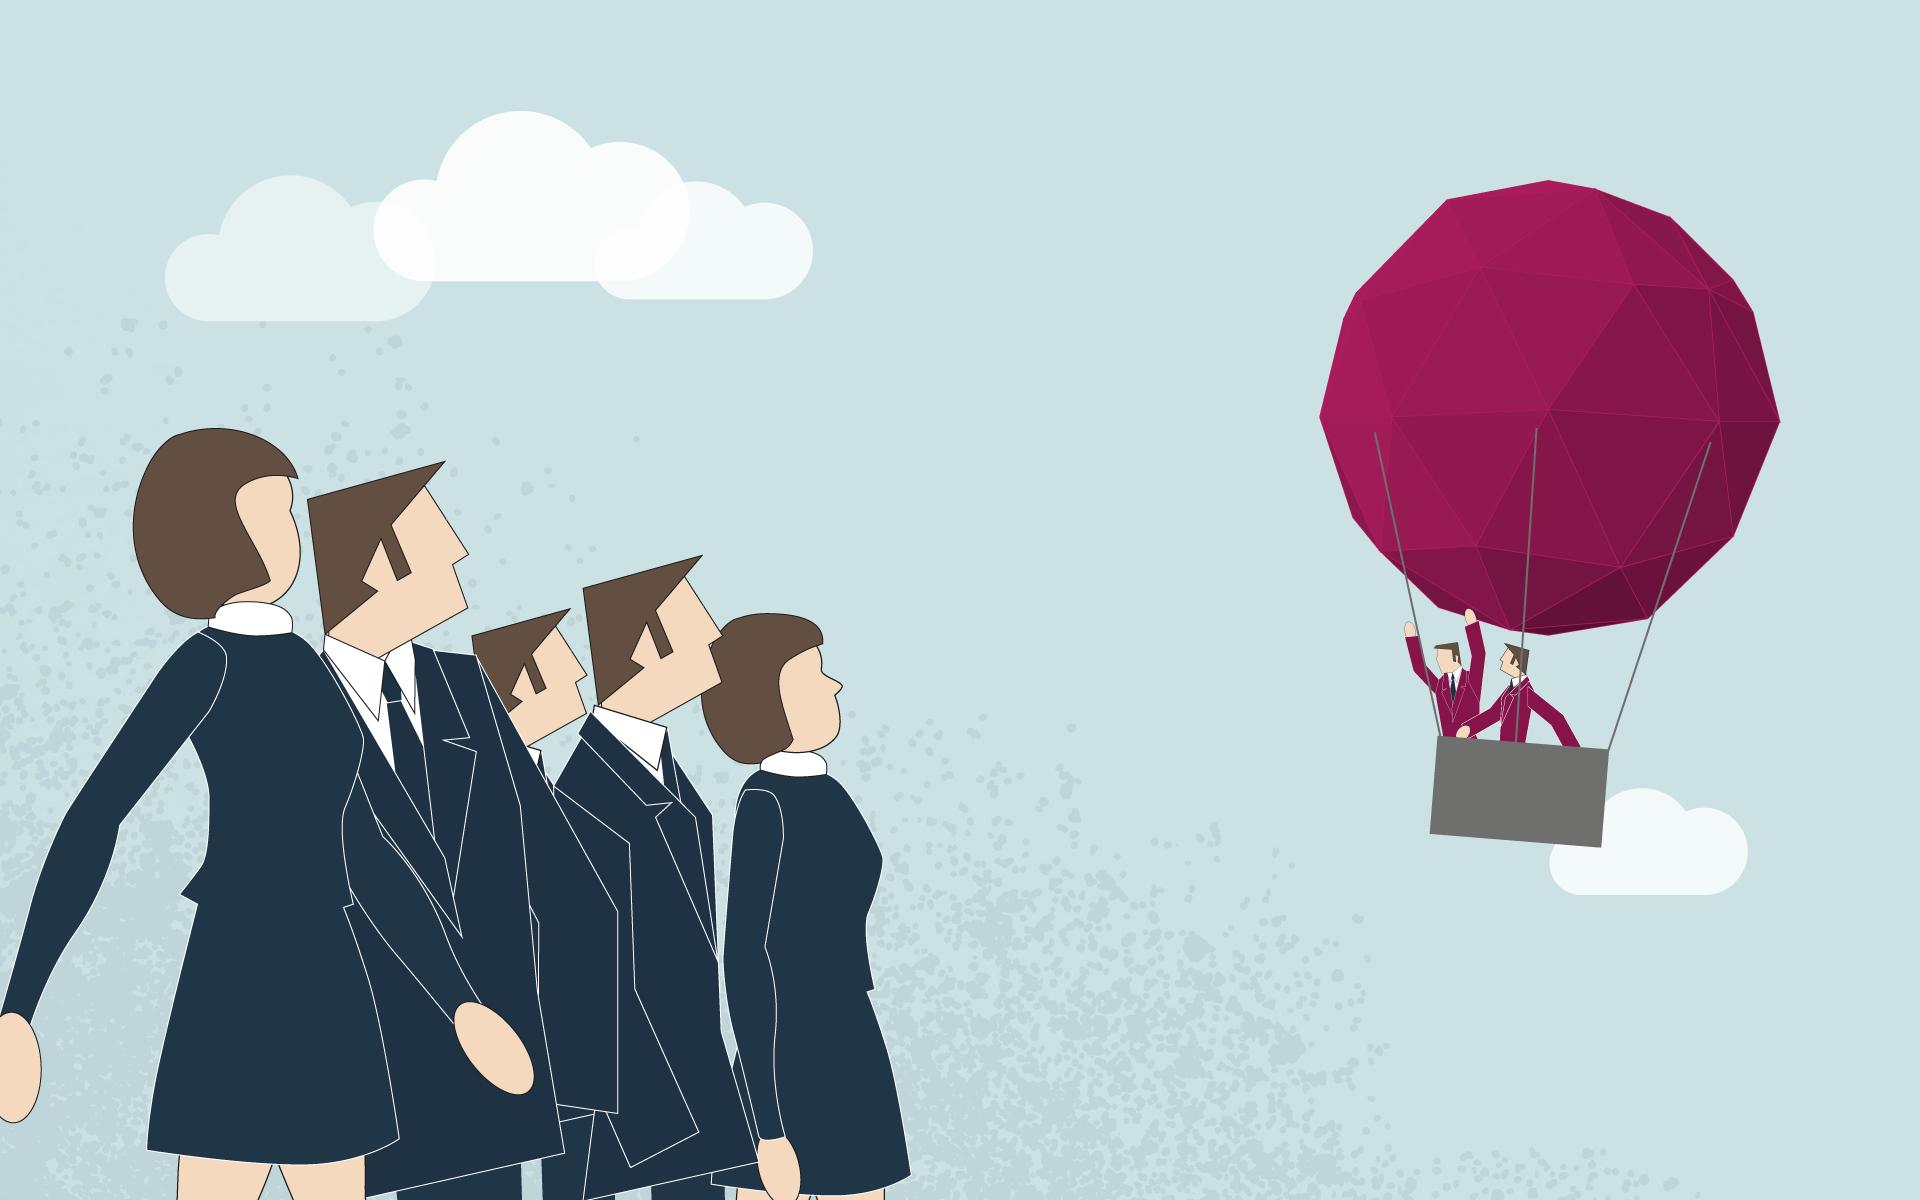 business-transformation - 2 personnes dans une montgolfière quittant un groupe de personnes